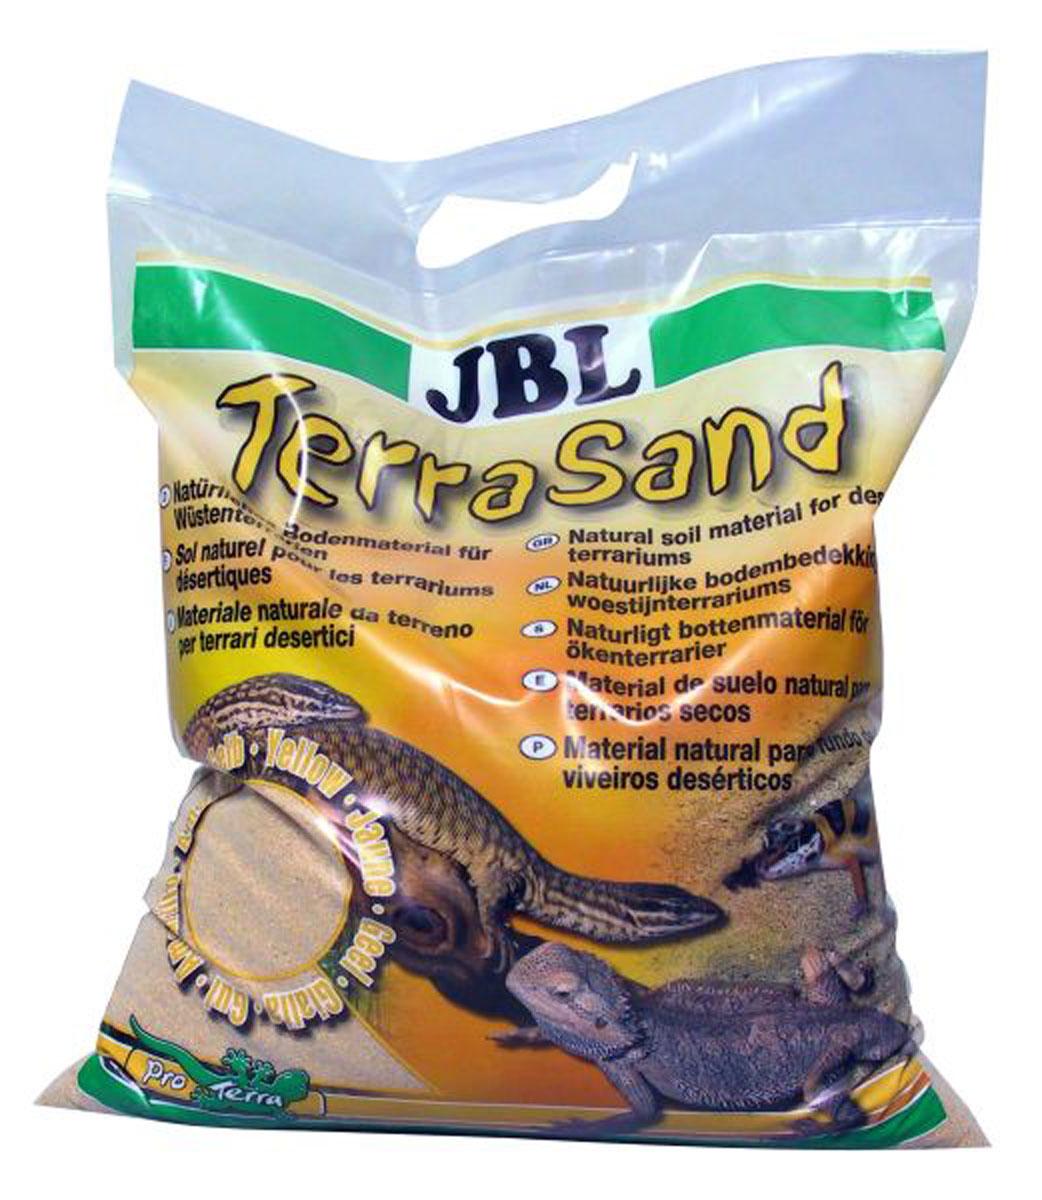 Донный грунт JBL TerraSand, для сухих террариумов, цвет: белый, 7,5 кг буковая щепа jbl натуральный донный субстрат terrawood для сухих и полусухих террариумов 20л